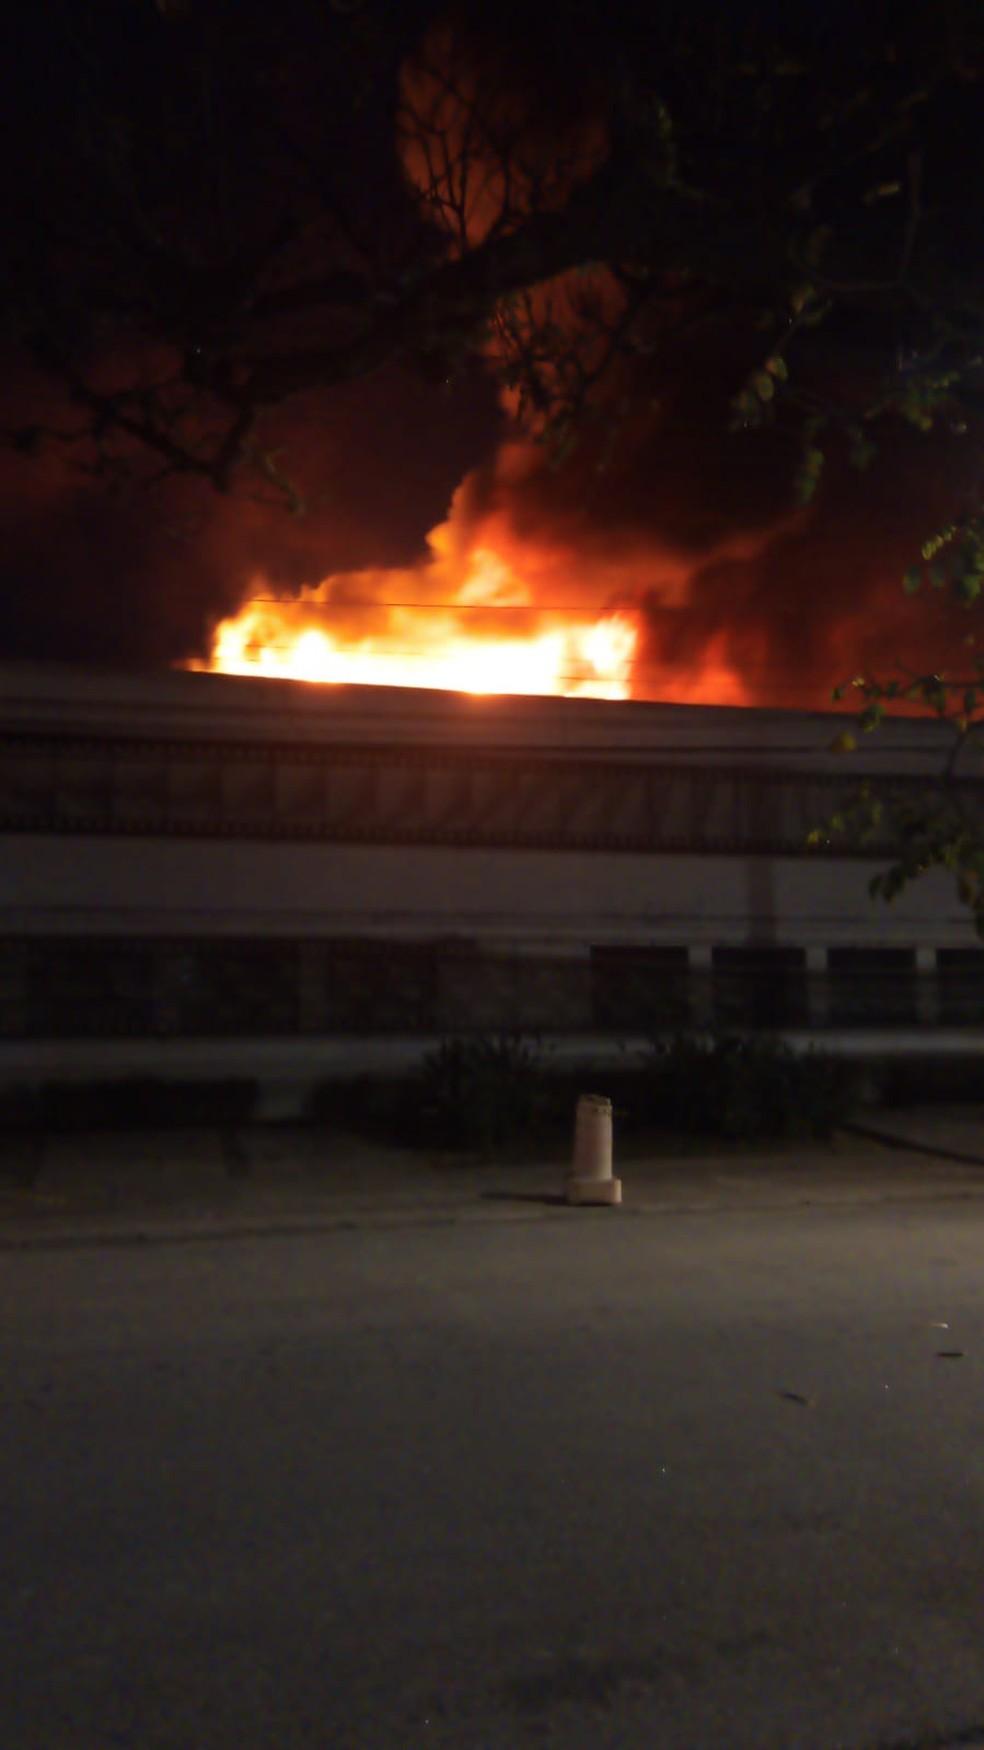 Incêndio no galpão da Cinemateca Brasileira na Vila Leopoldina, Zona Sul de SP.  — Foto: Reprodução/TV Globo